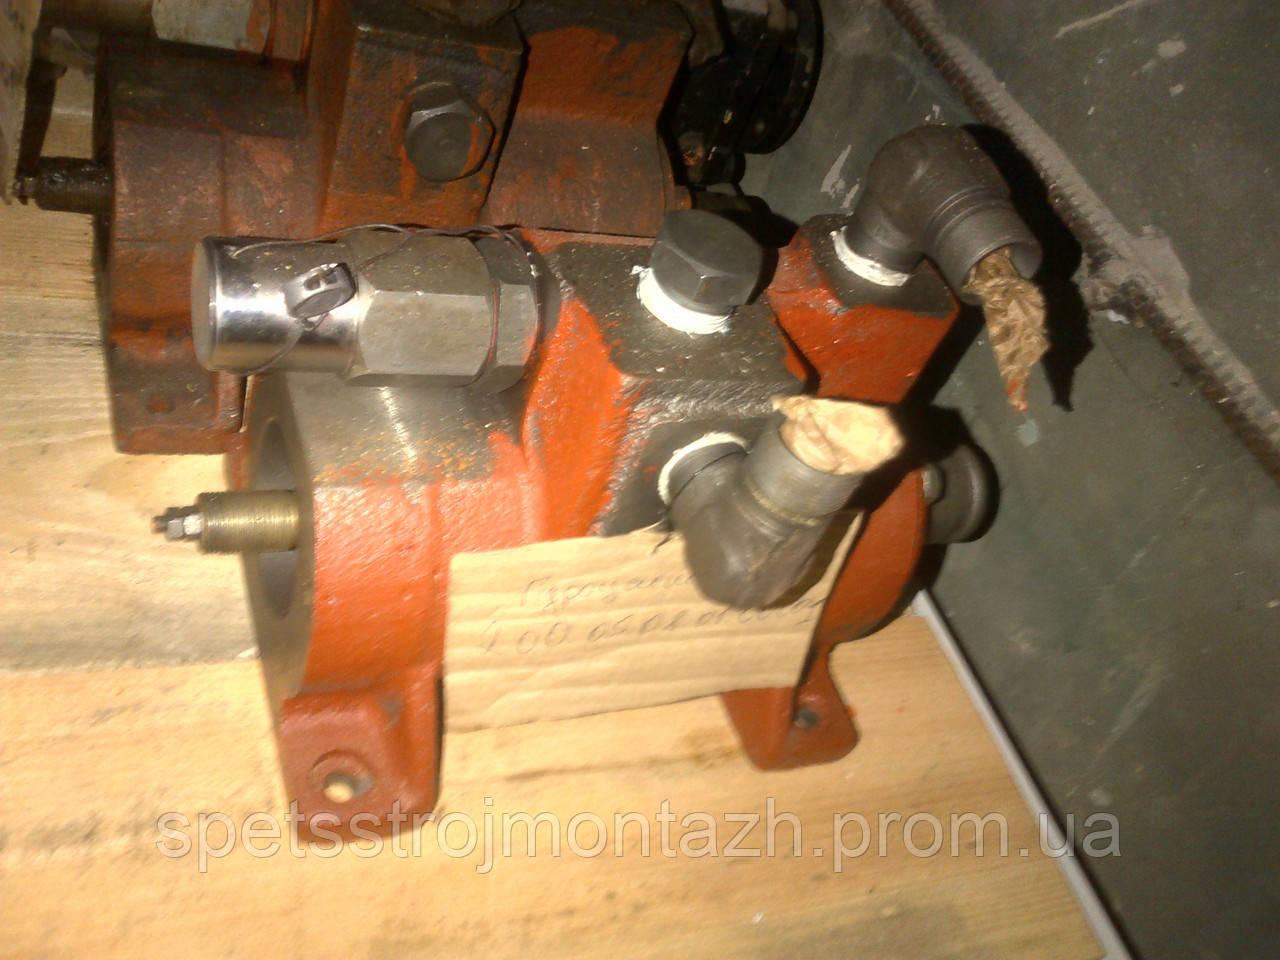 Гидроусилитель сцепления и тормоза грейдера ГС-14.02, ДЗ-143, ДЗ-180